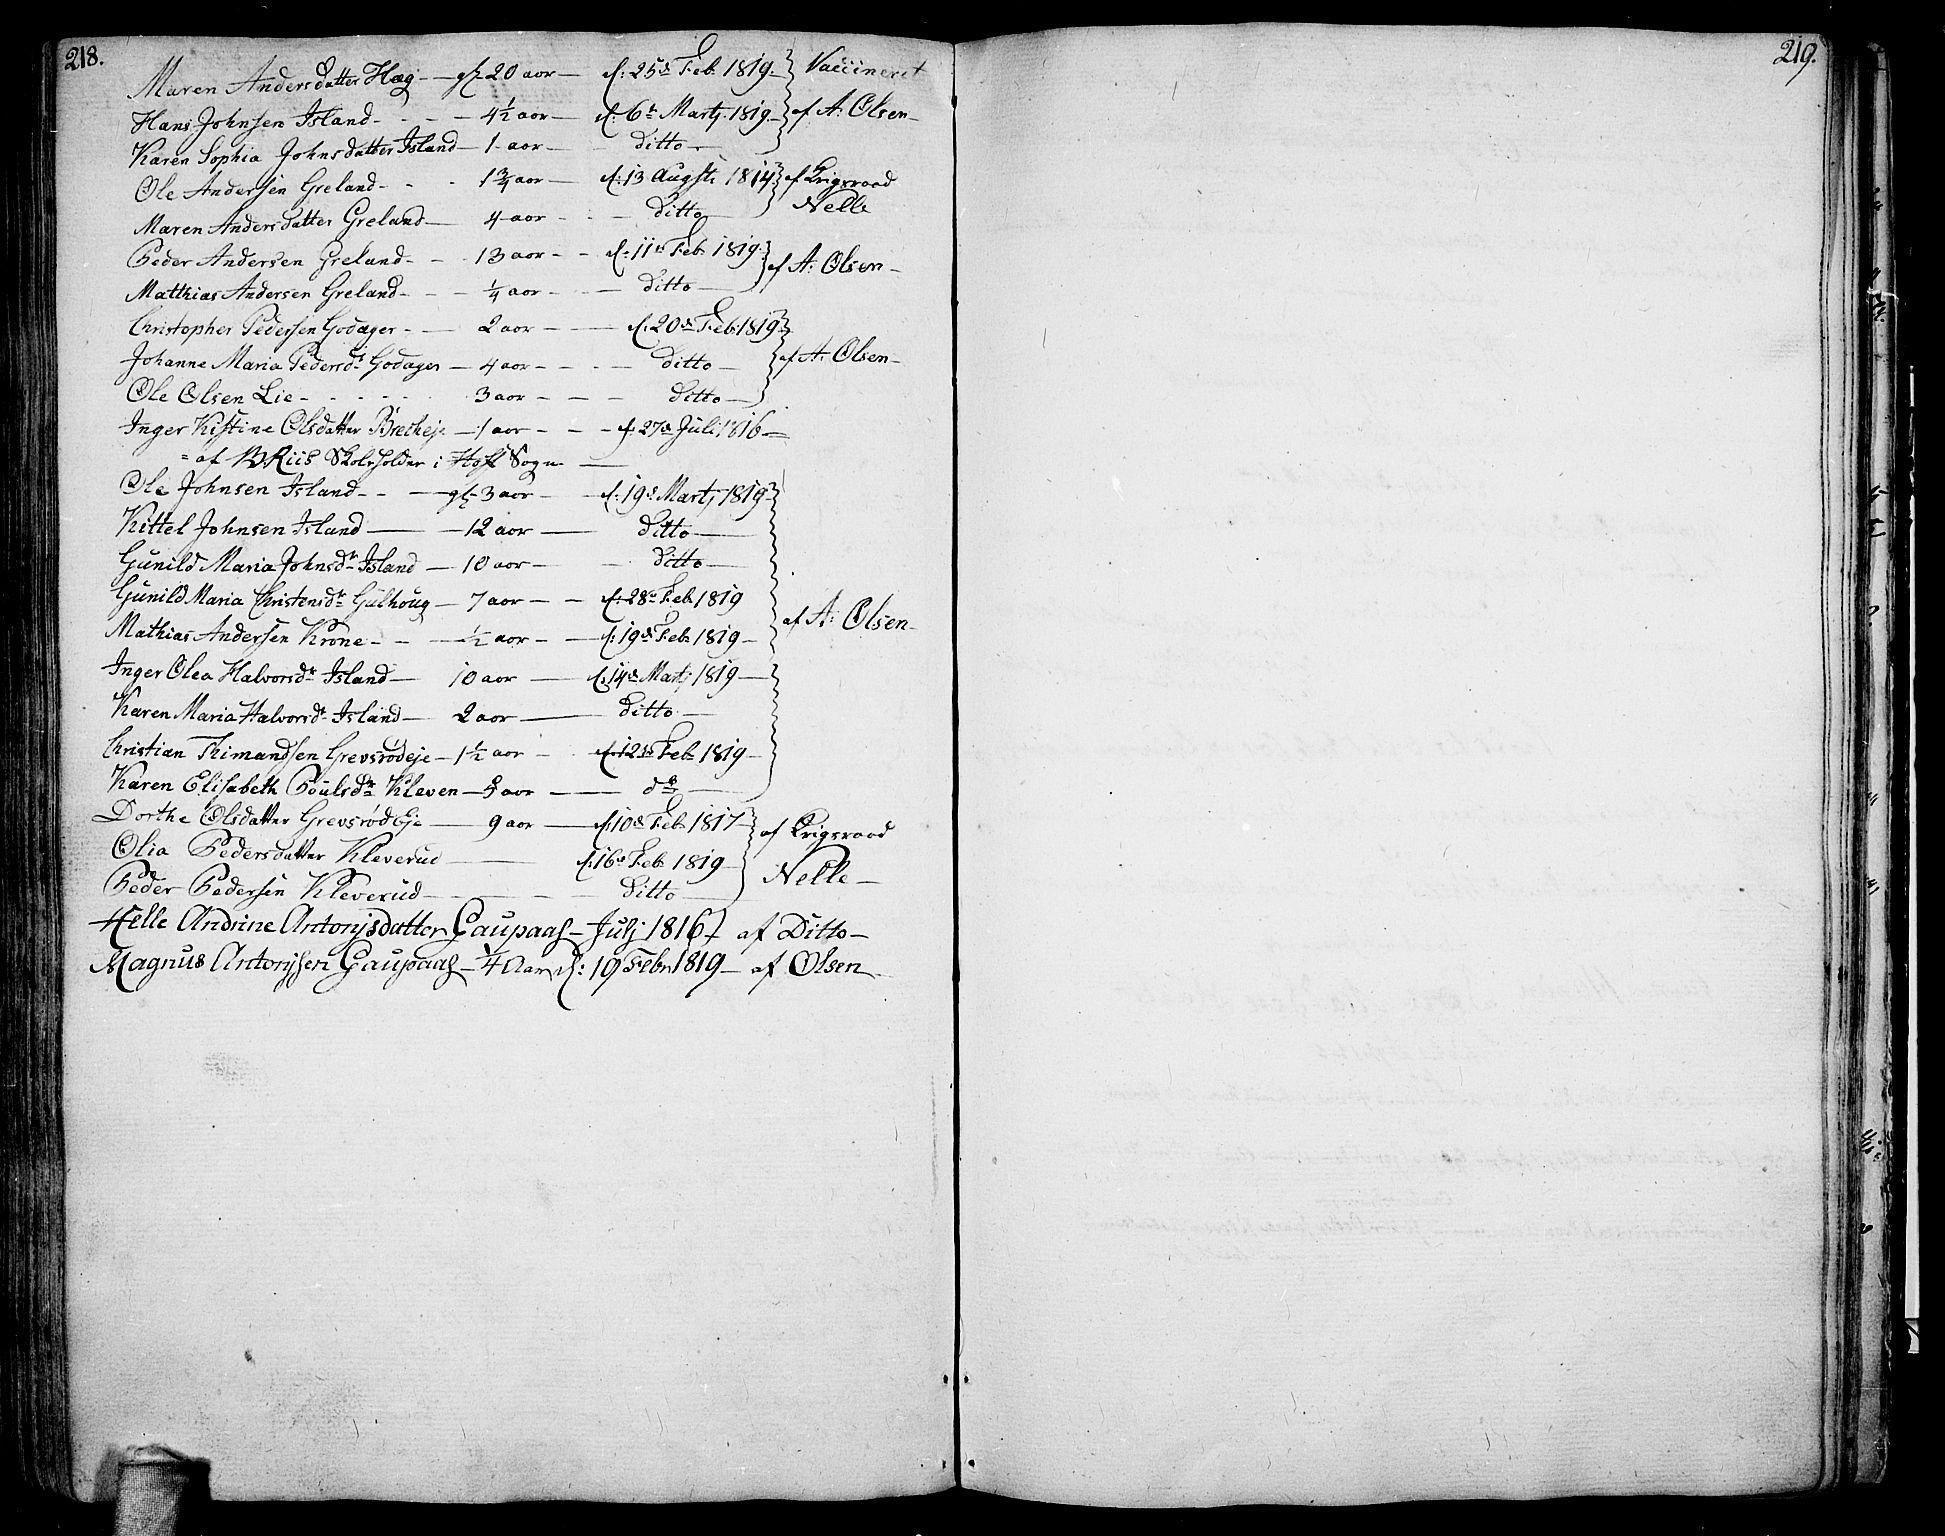 SAKO, Botne kirkebøker, F/Fa/L0003: Ministerialbok nr. I 3 /1, 1792-1844, s. 218-219